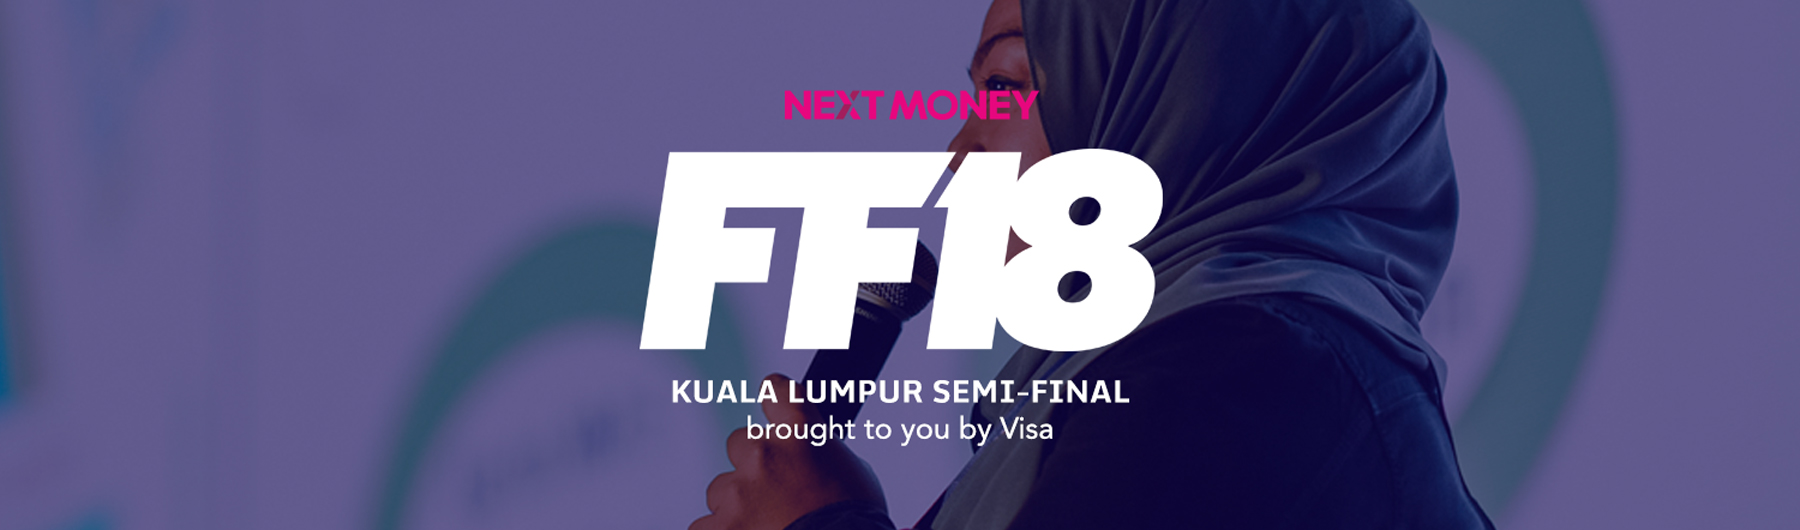 FF18 Kuala Lumpur Semi-Final Fintech Pitch Competition